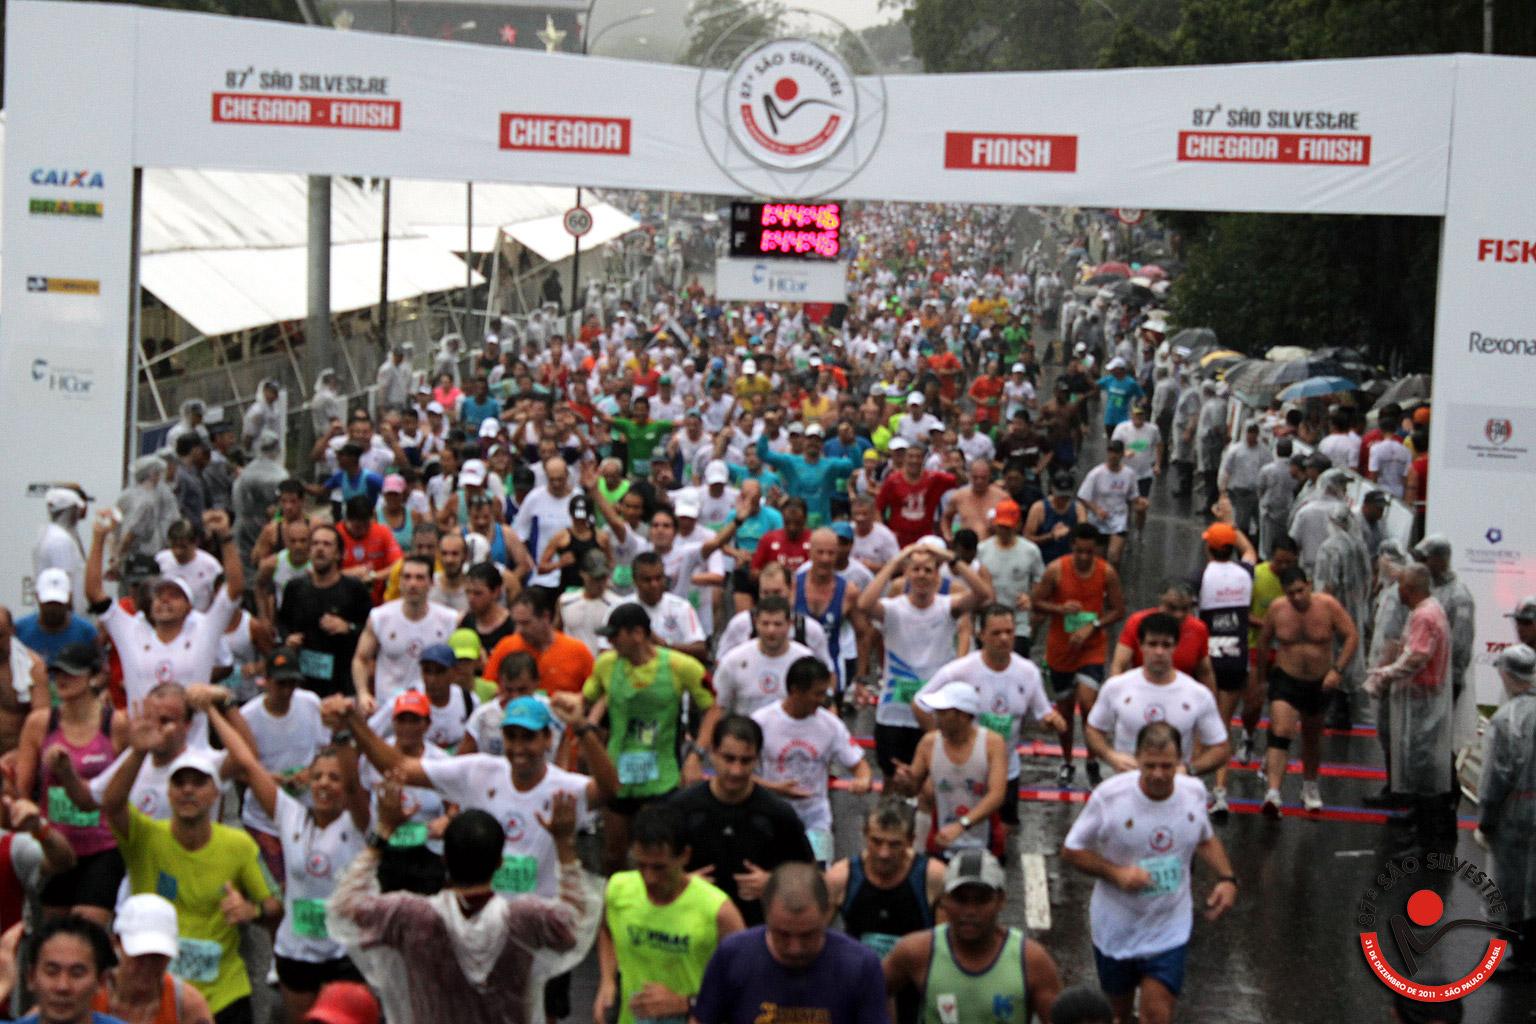 Corrida São Silvestre 2012.jpg